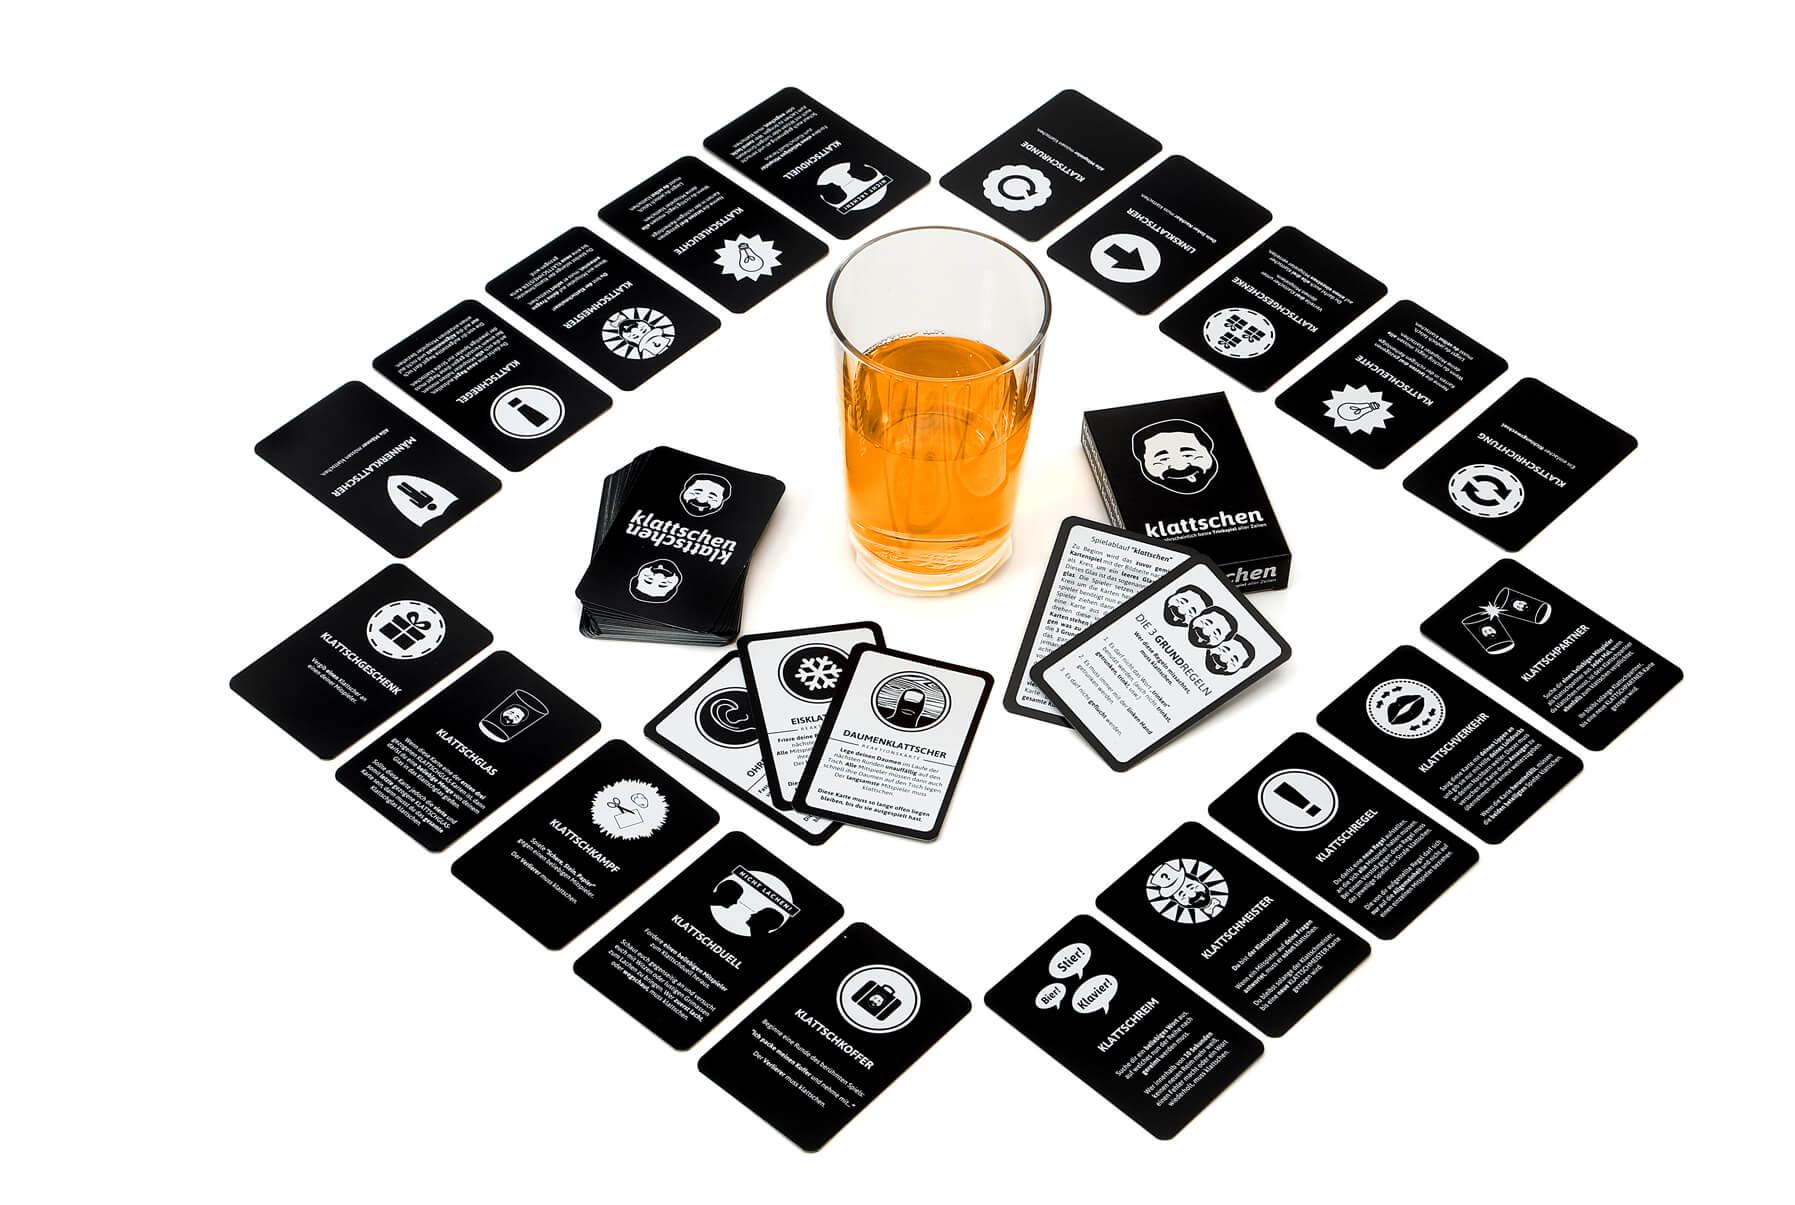 Spielmaterial- klattschen - Das wahrscheinlich beste Trinkspiel aller Zeiten